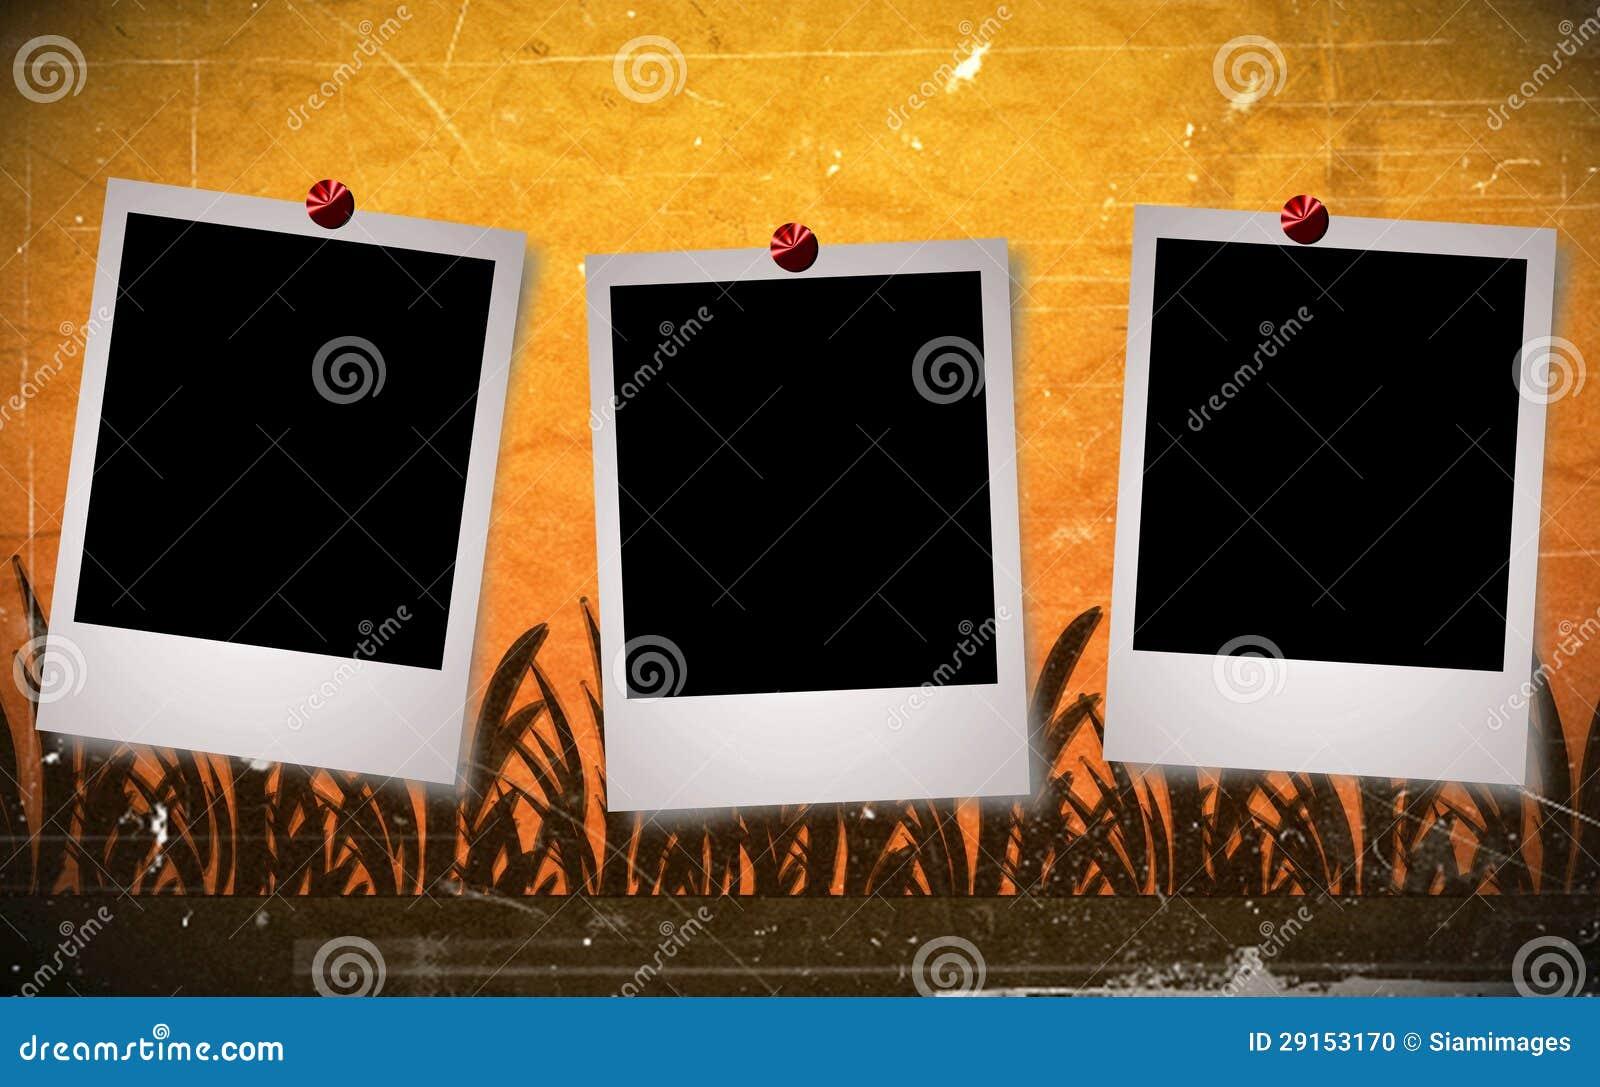 Vintage Frame Background Design Stock Illustration Illustration 29153170